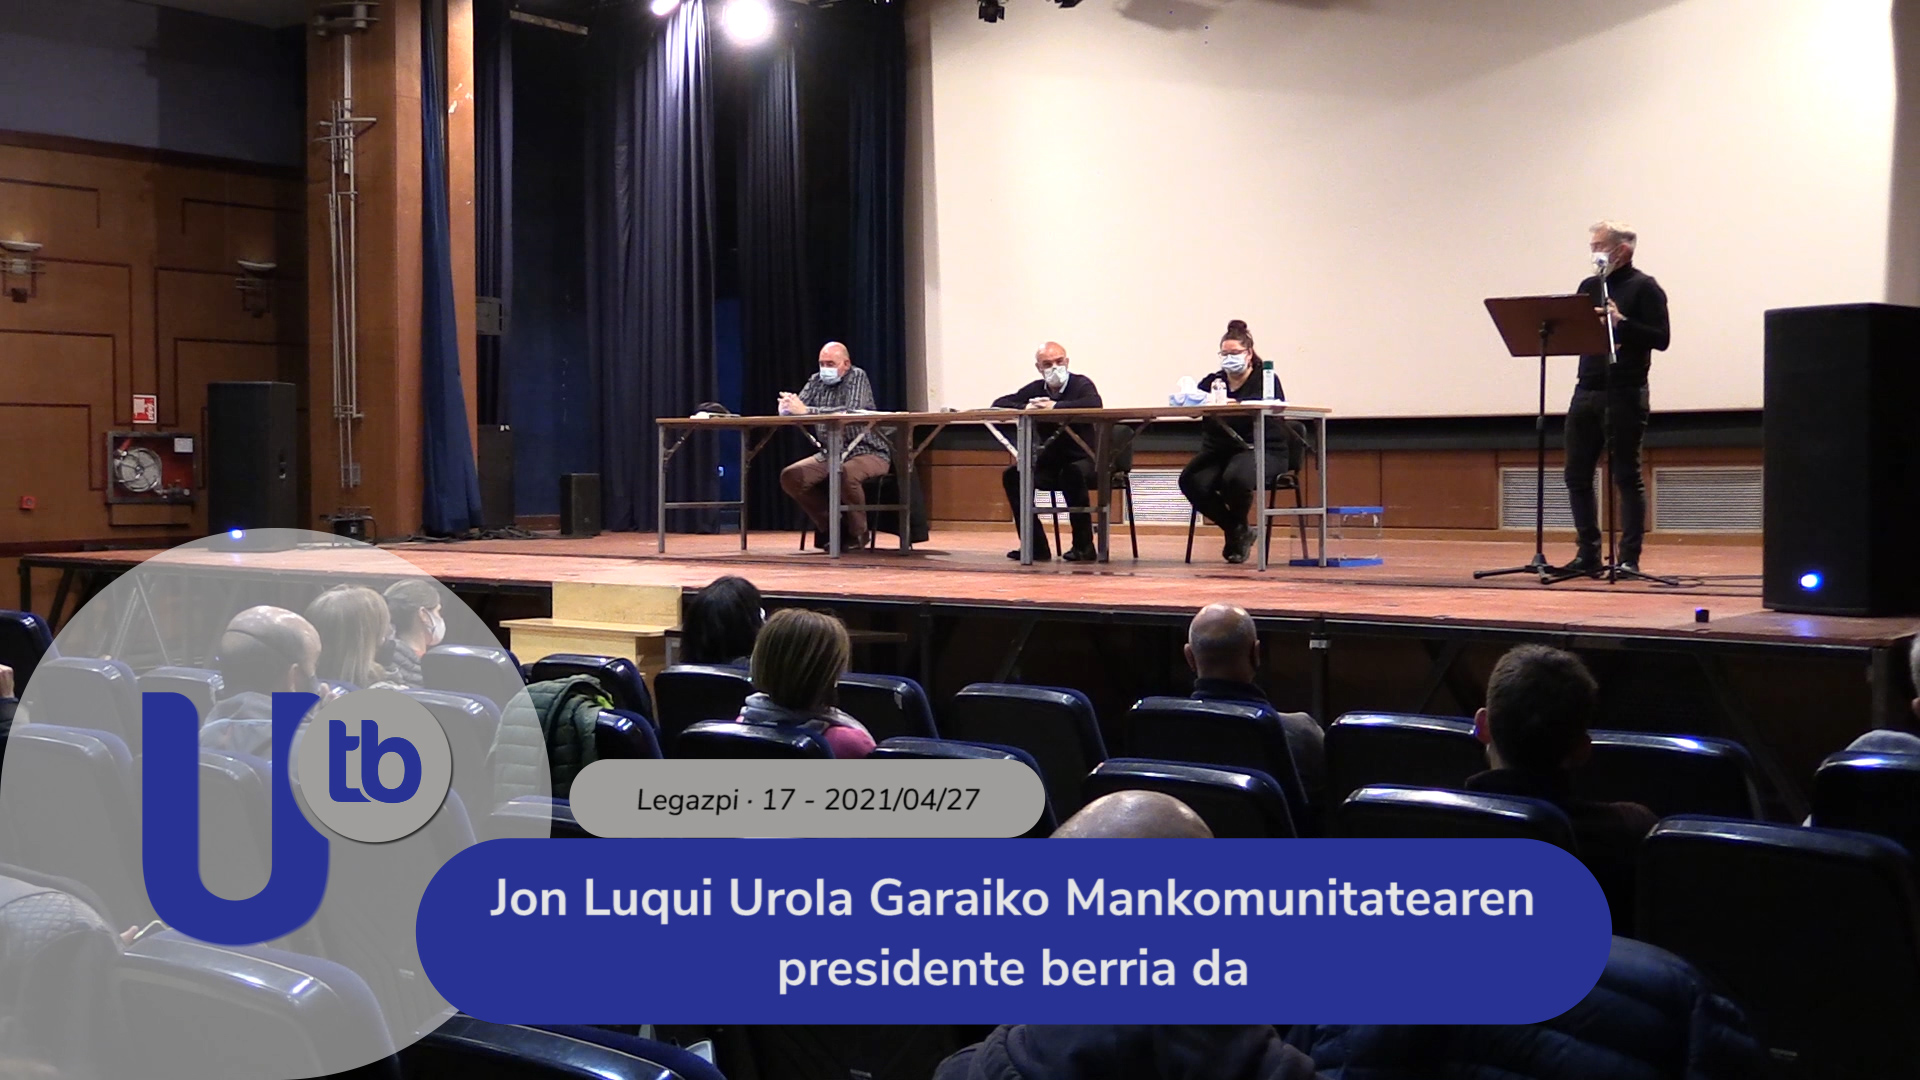 Jon Luqui Urola Garaiko Mankomunitatearen presidente berria da / Jon Luqui es el nuevo presidente de la Mancomunidad de Urola Garaia